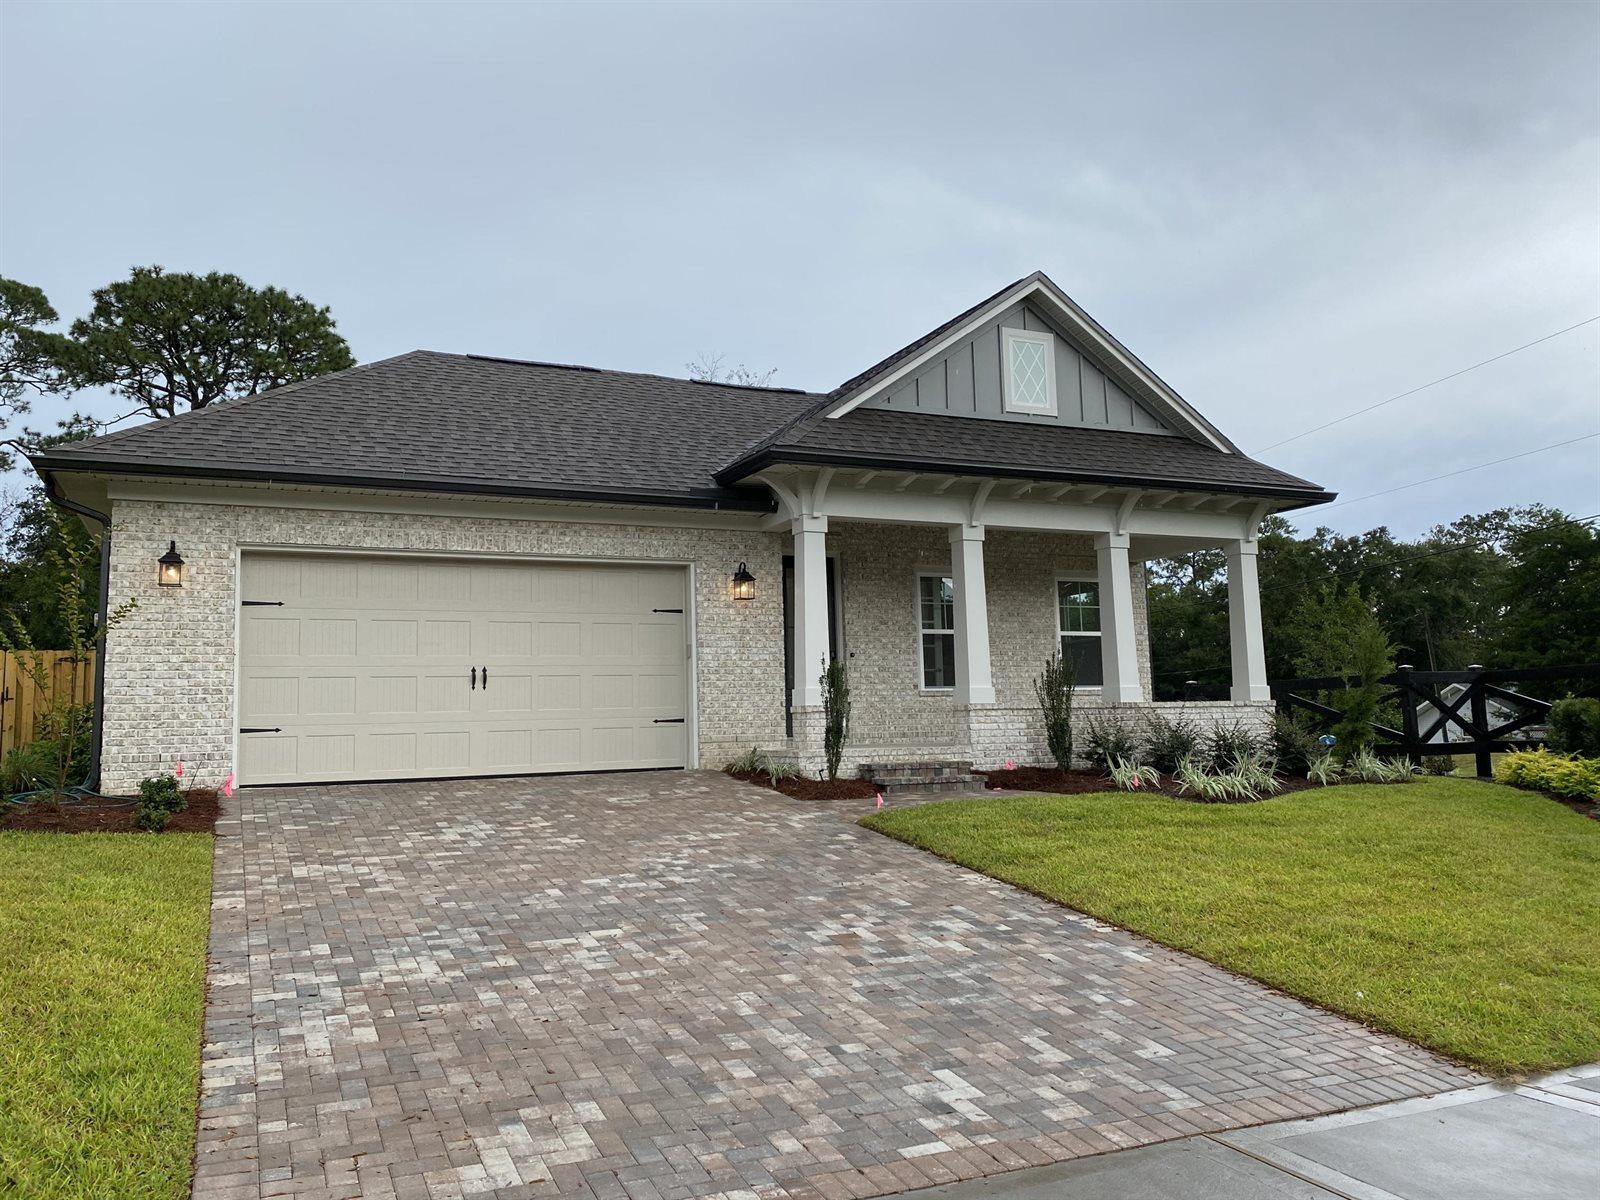 801 Raihope Way, Niceville, FL 32578